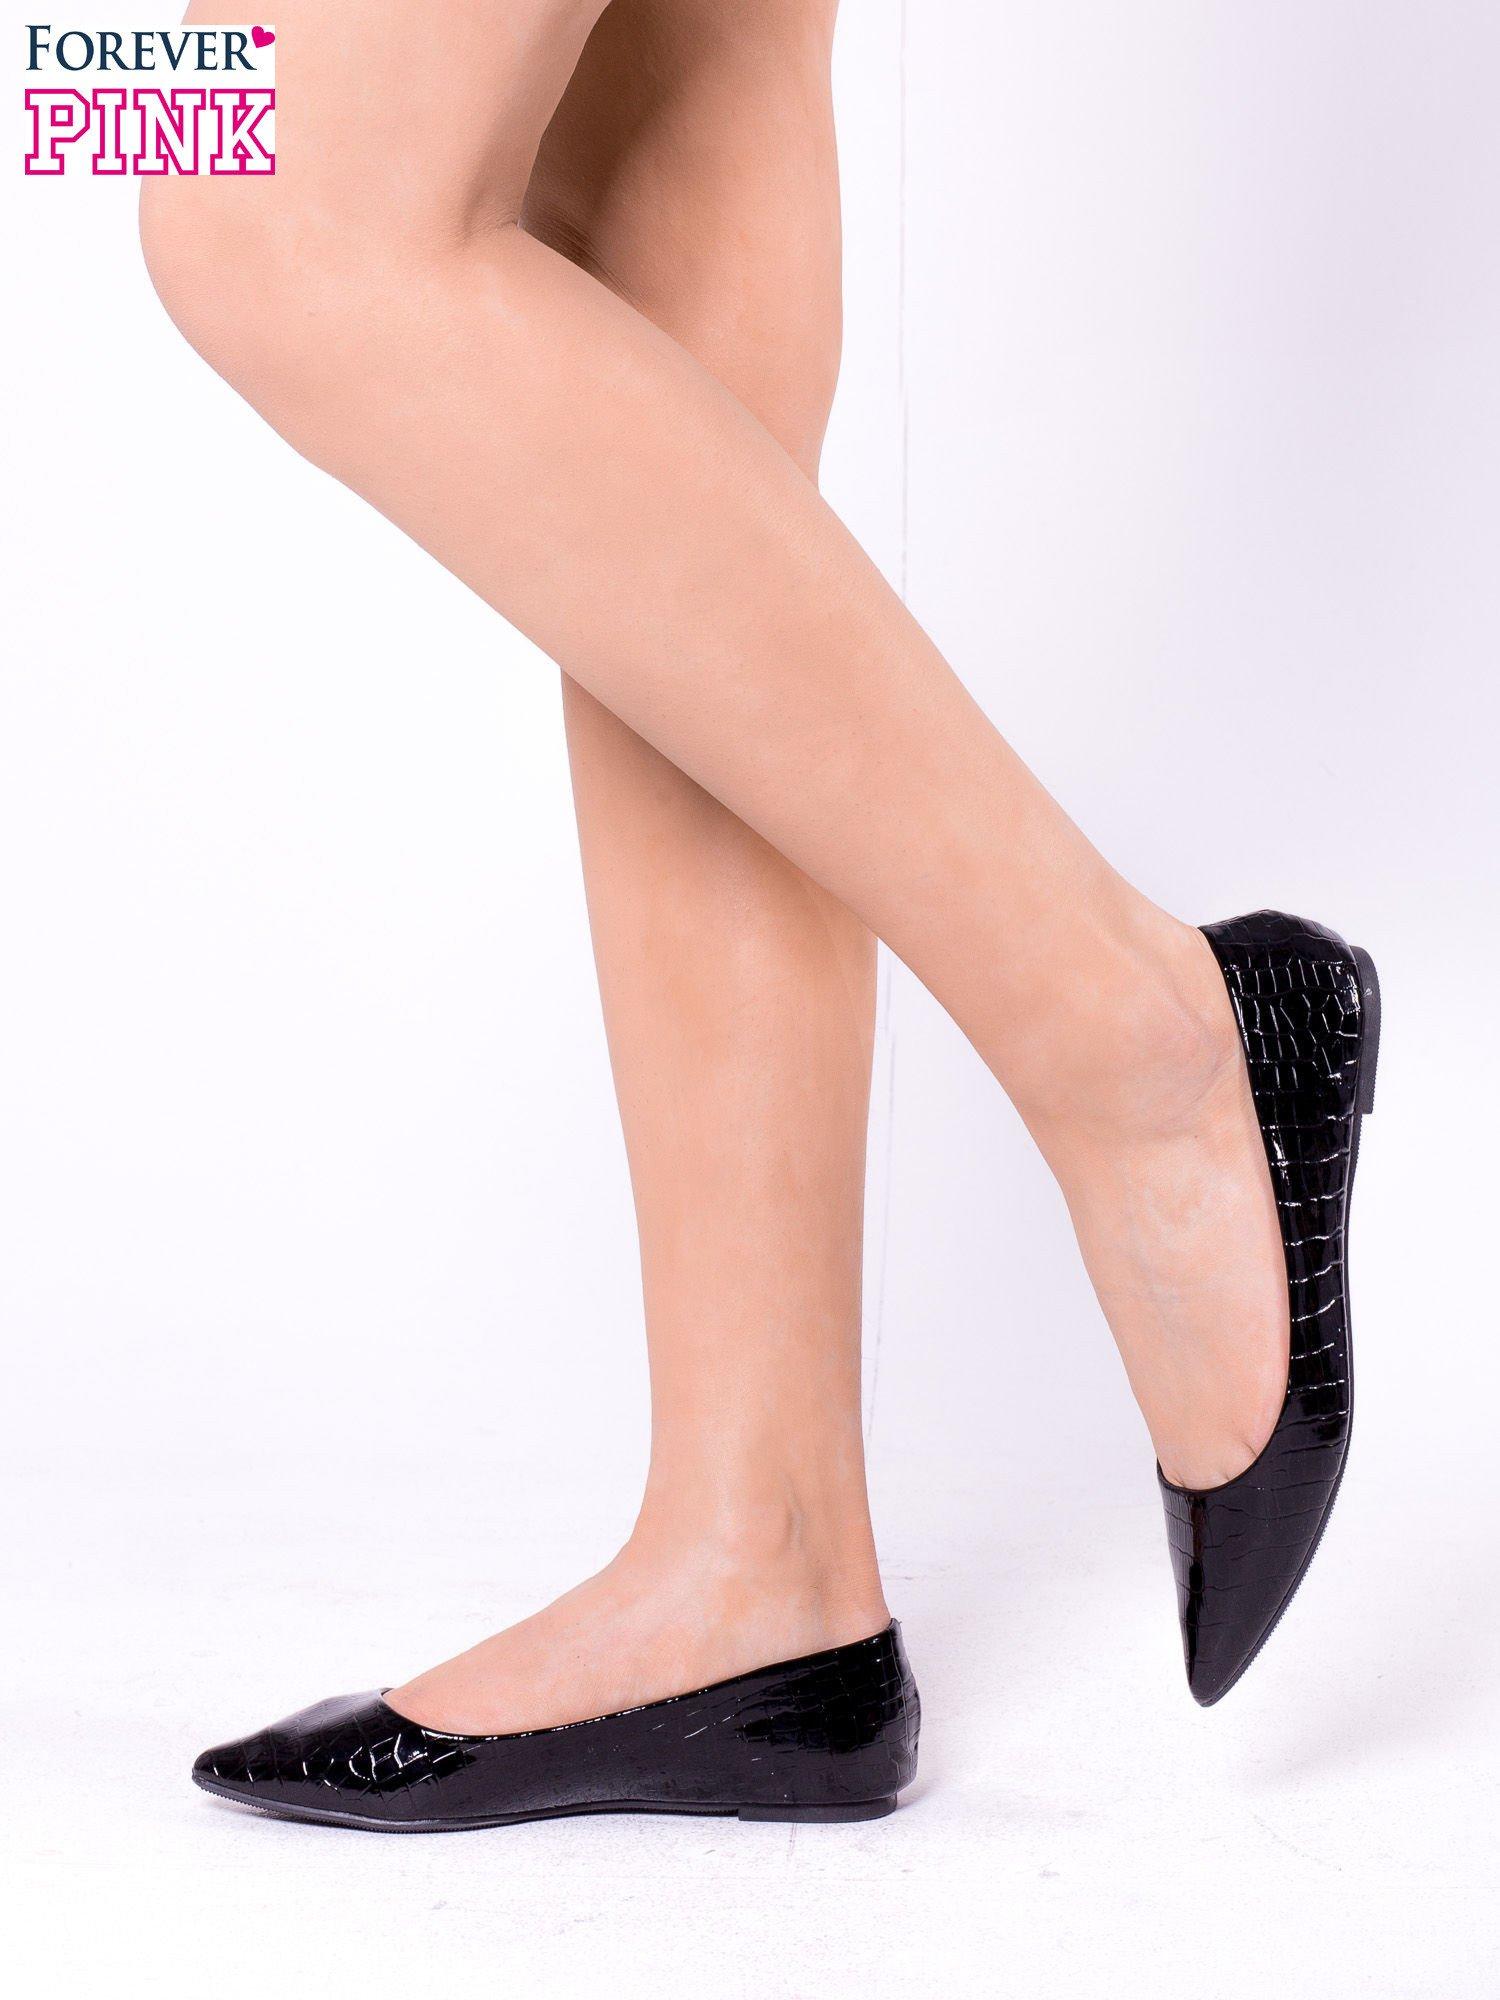 Czarne lakierowane baleriny w szpic we wzór krokodylej skóry                                  zdj.                                  3